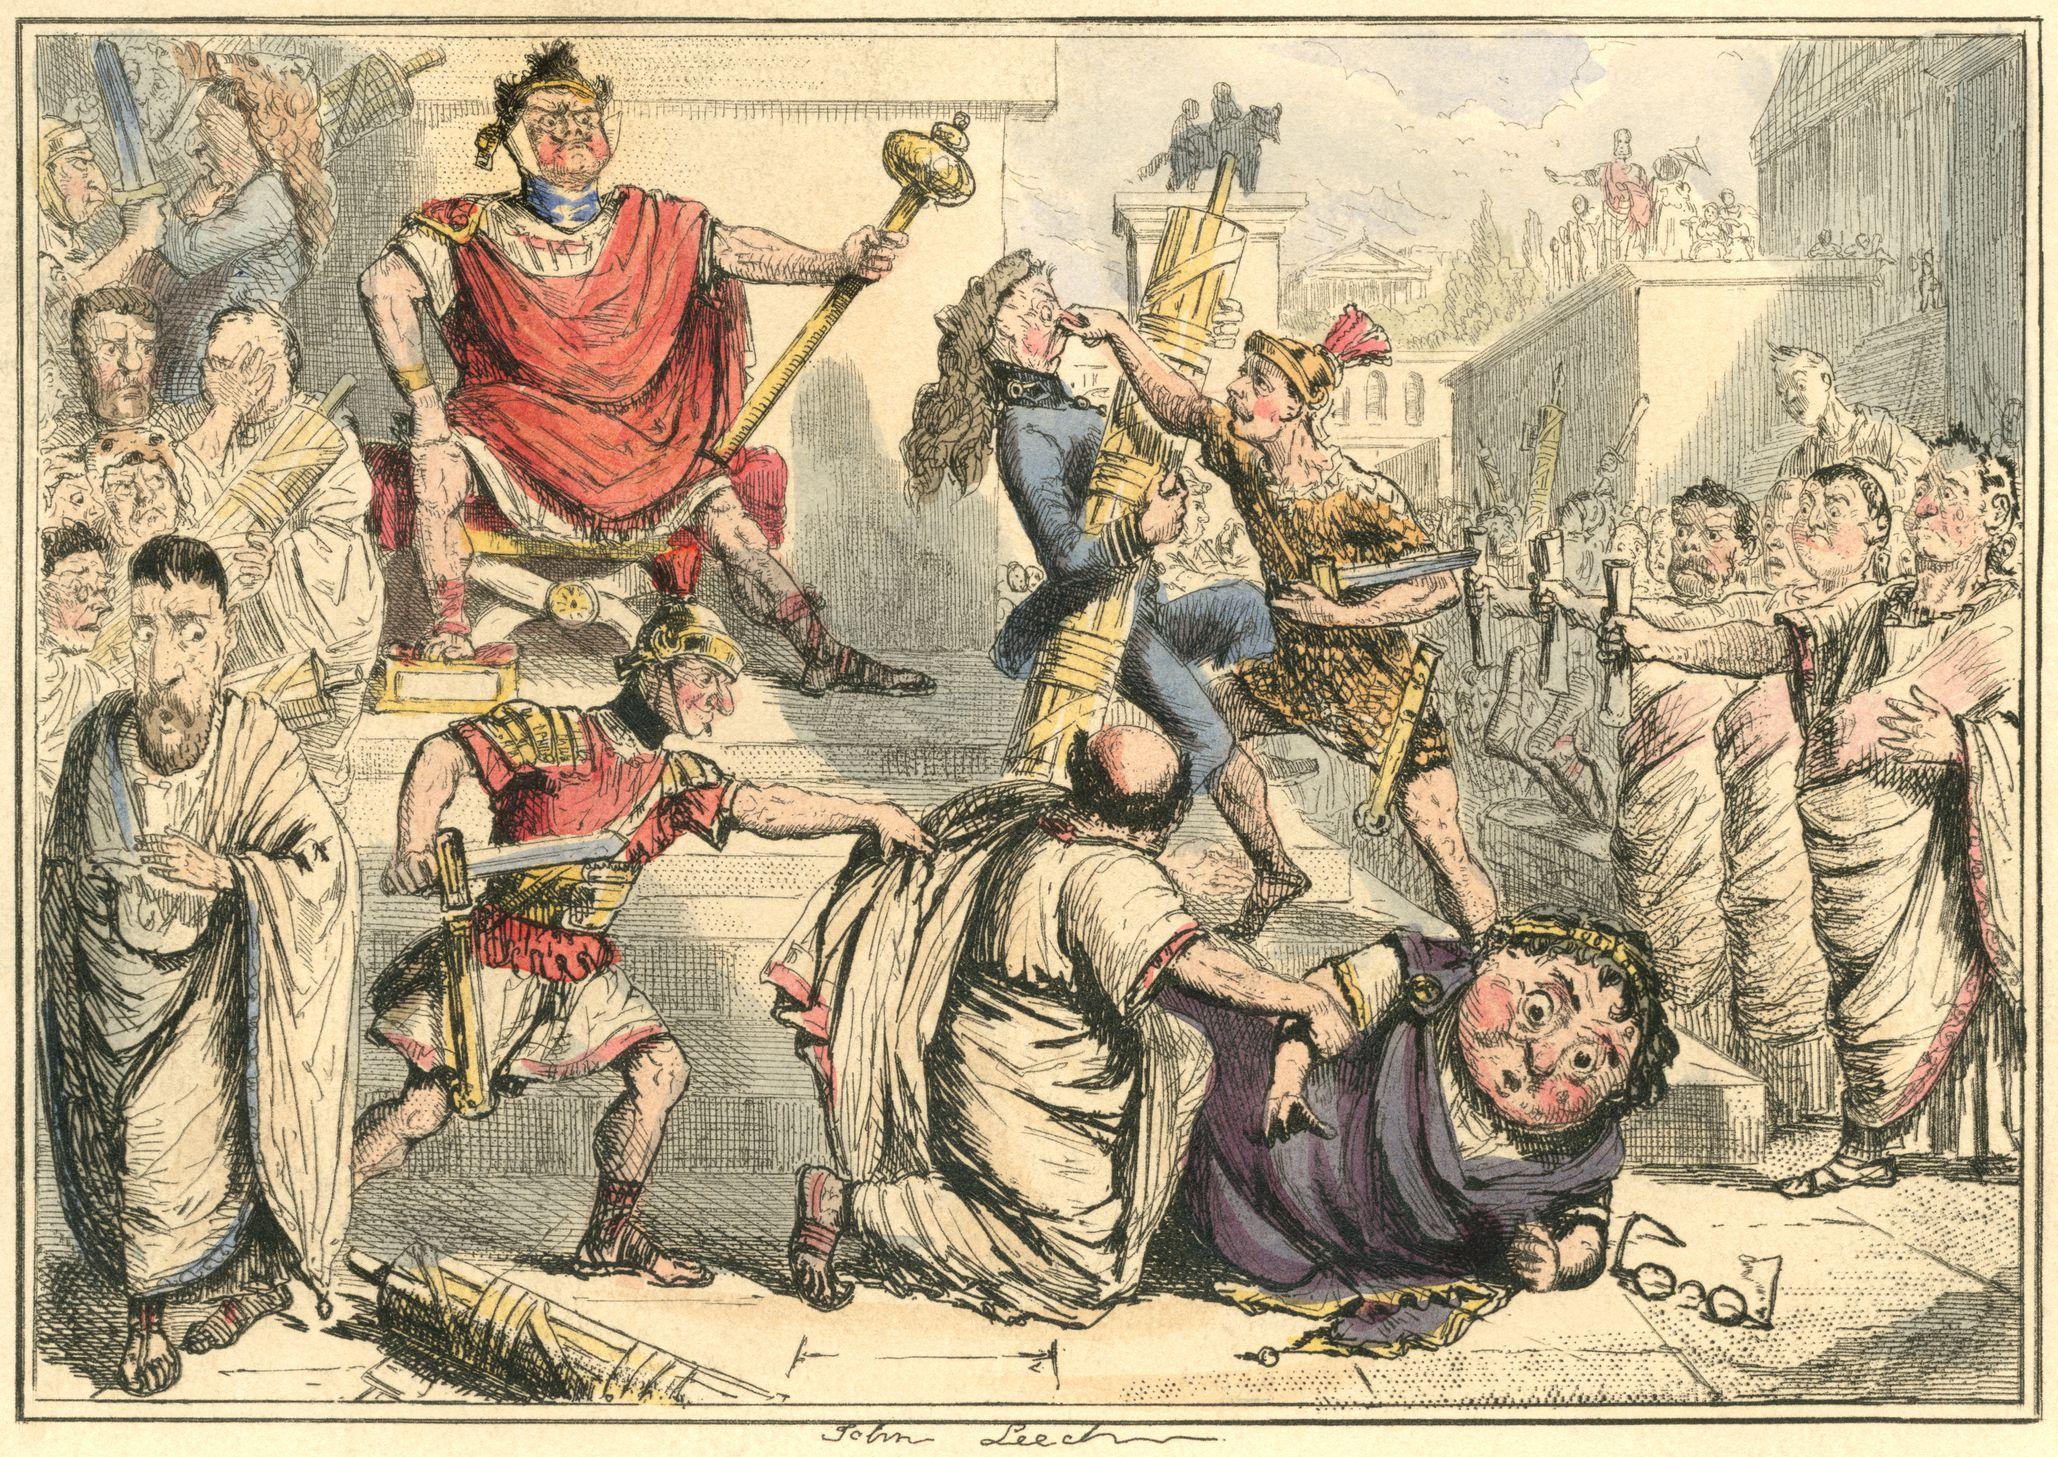 Tarquinius Superbus making himself King